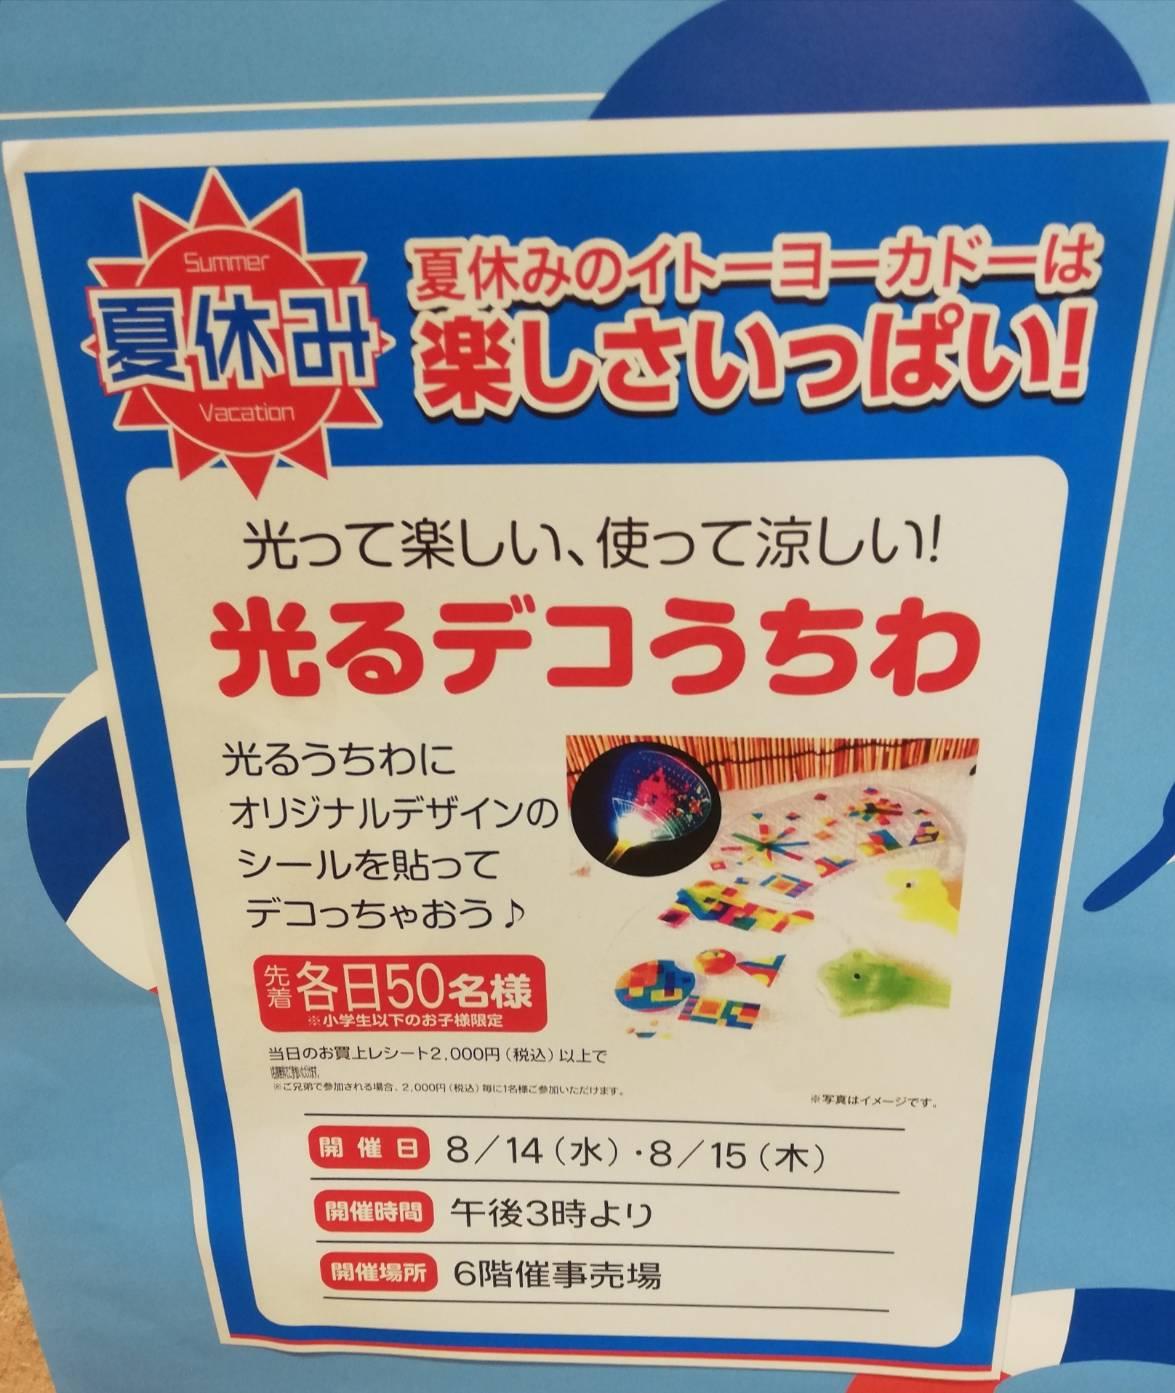 イトーヨーカドー松戸店夏休みイベント